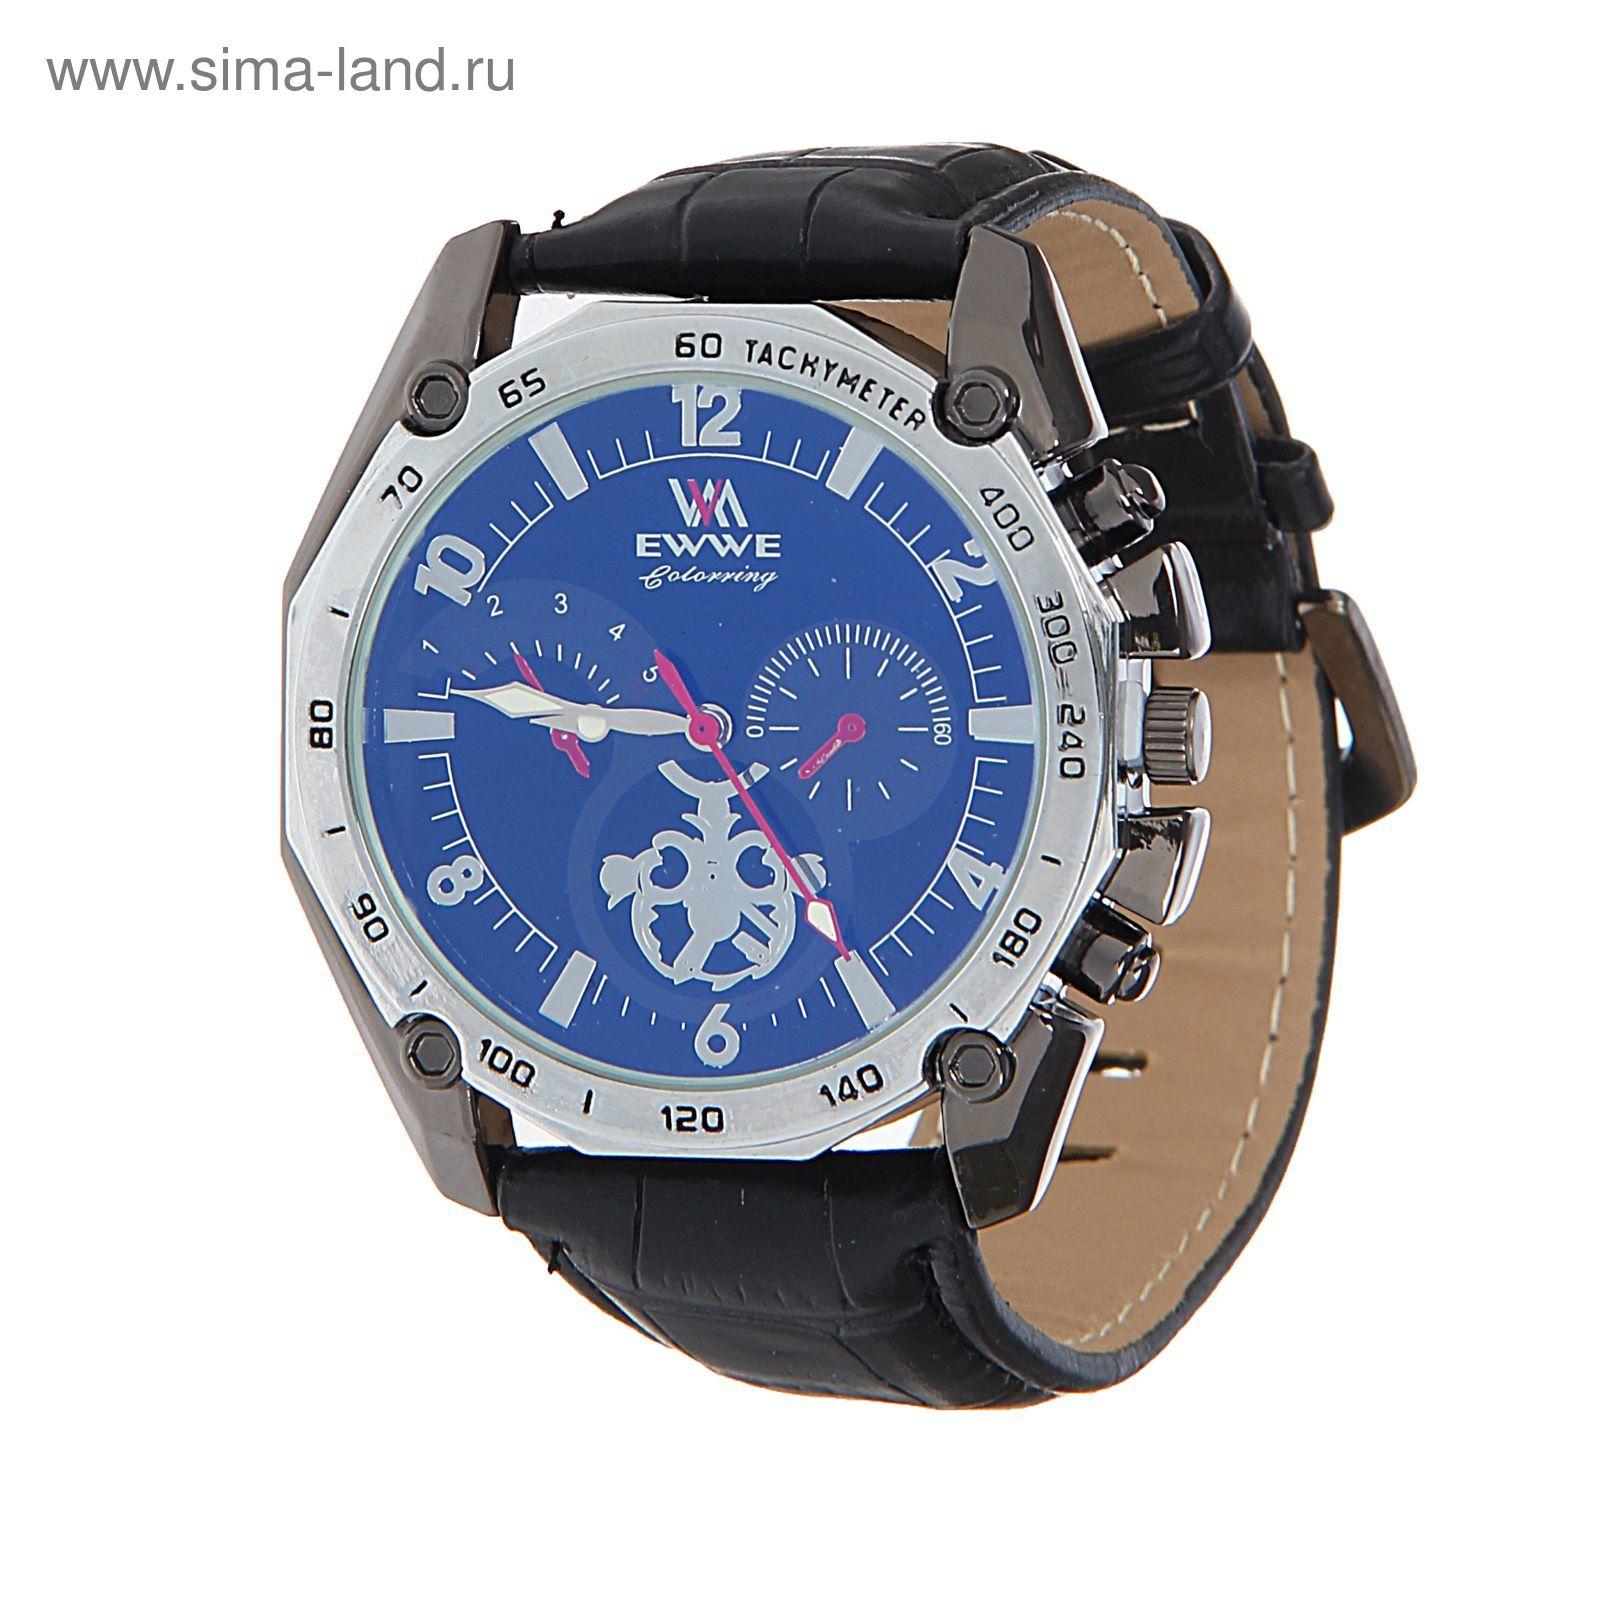 Наручные мужские часы с тремя циферблатами купить часы наручные женский ника золотые